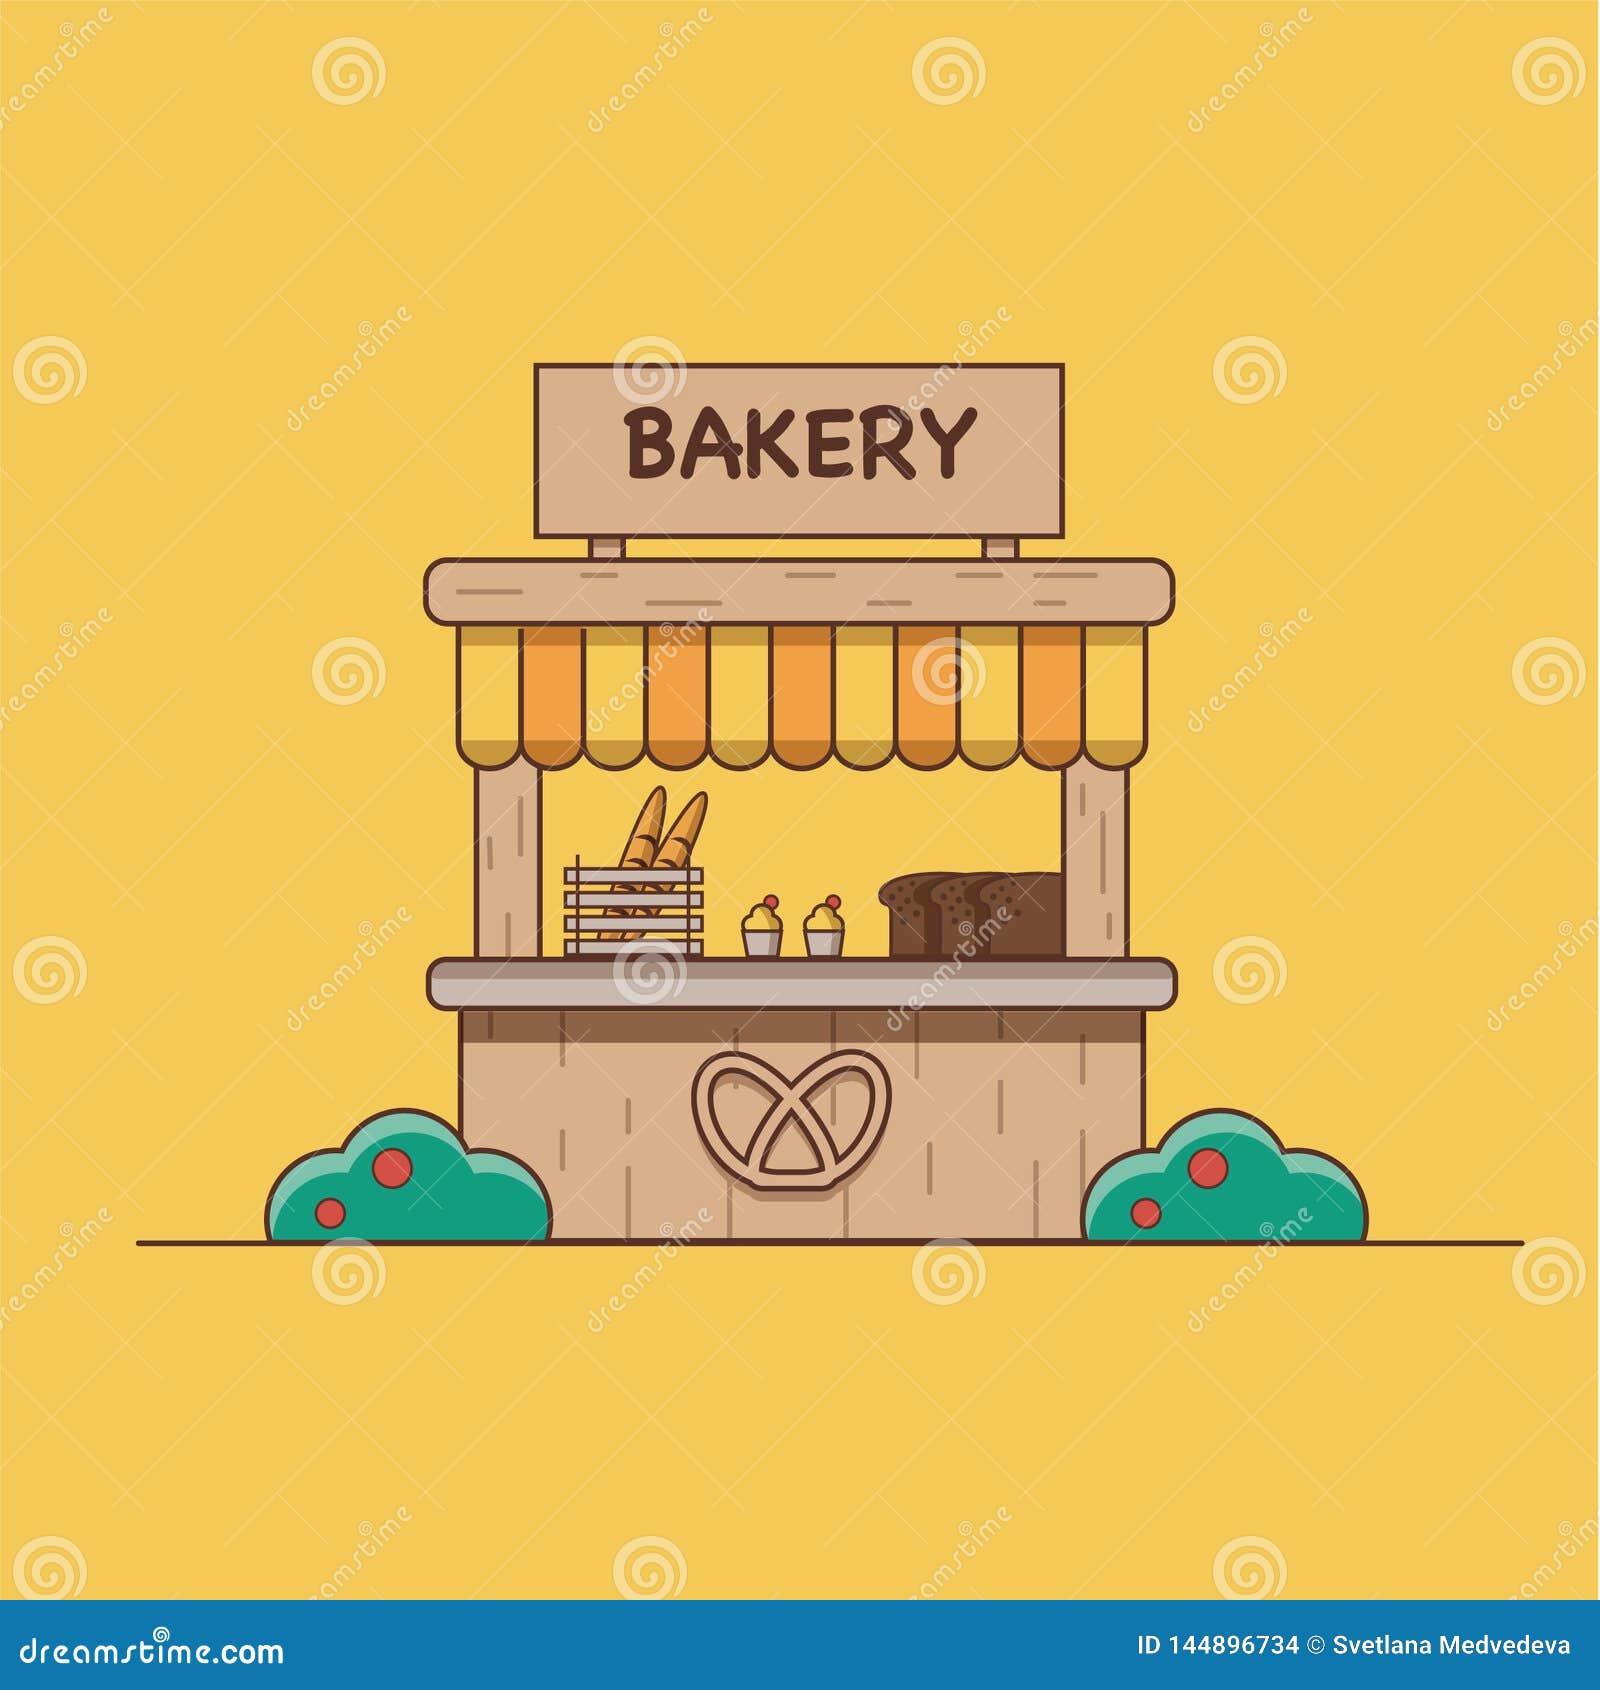 Wektorowa ilustracja która przedstawia piekarnię na pomarańczowym tle